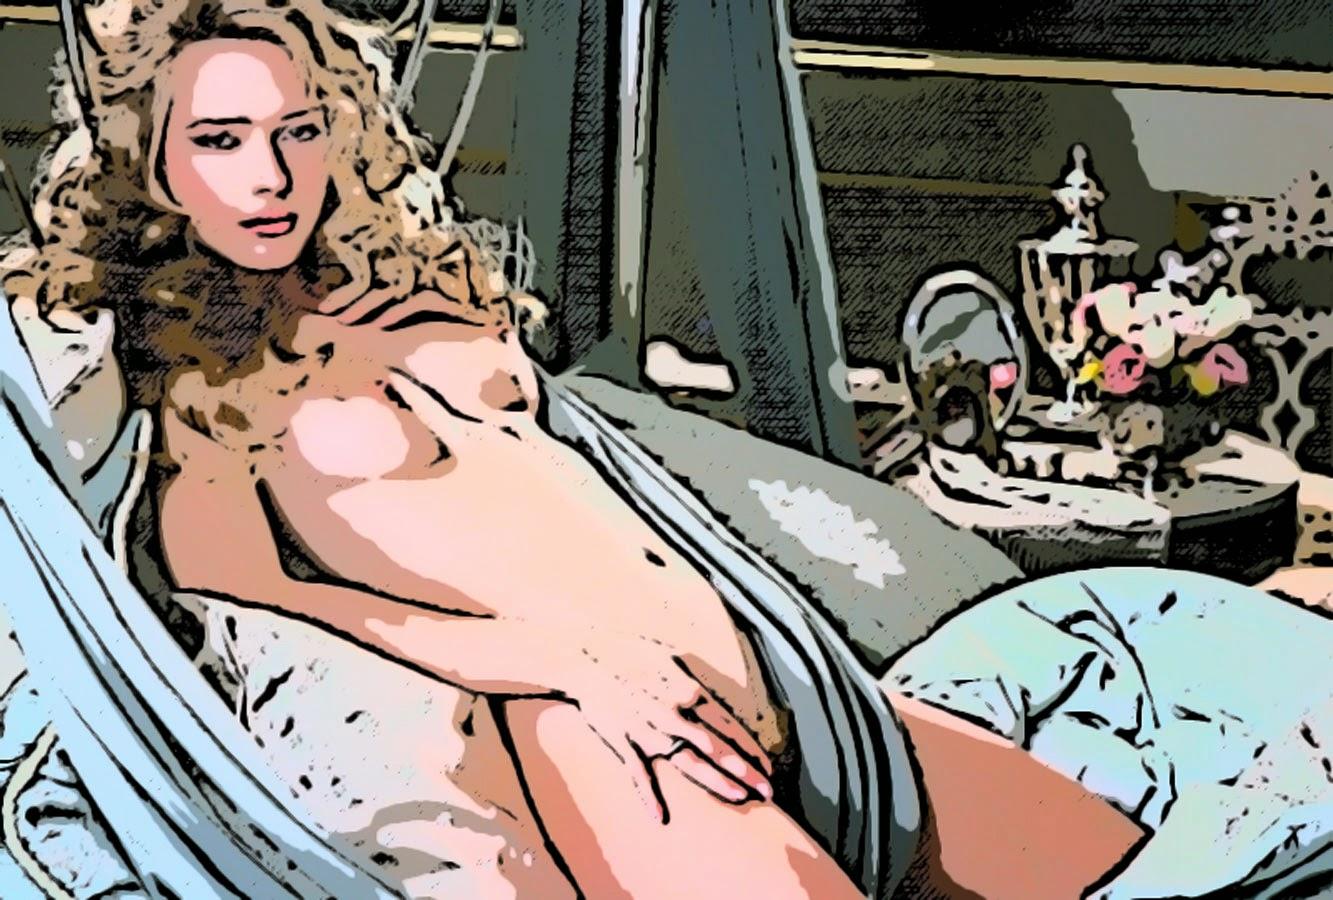 filme porno full hd i piu grandi cazzi